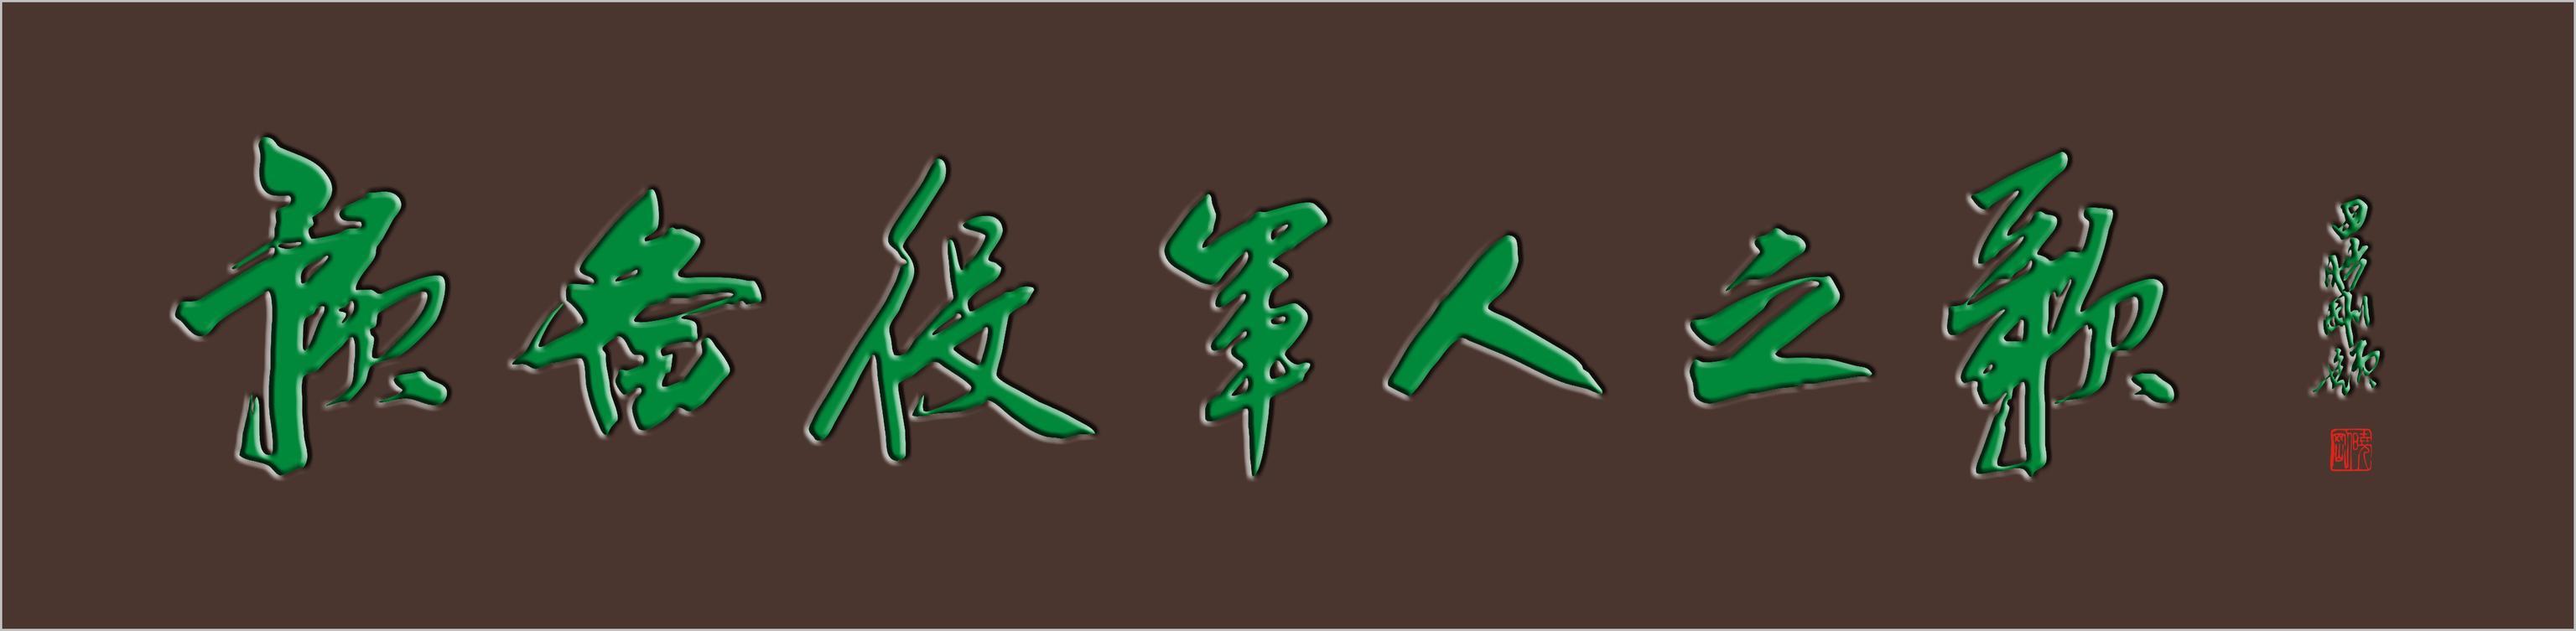 《预备役军人之歌》:中国军歌家族又添新曲